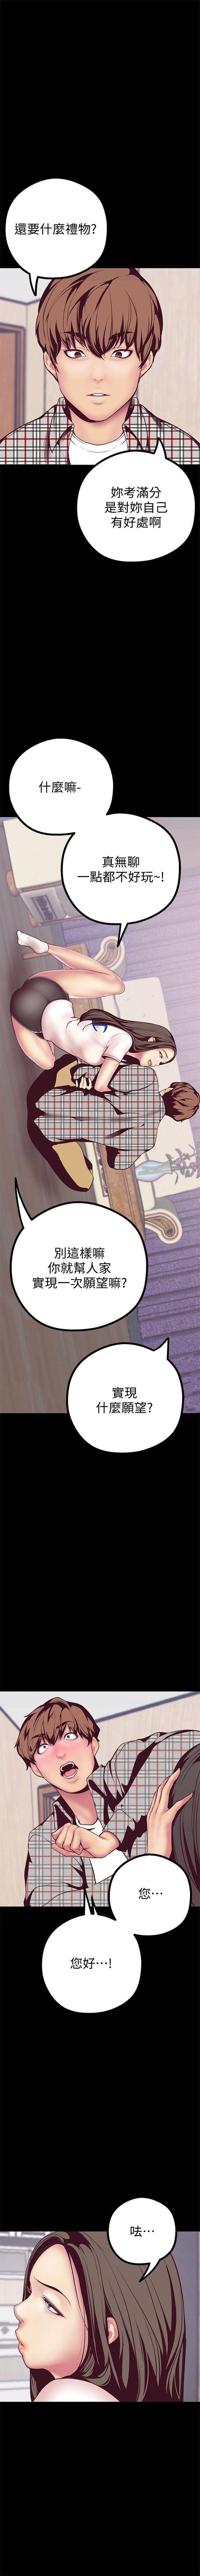 (周6)美丽新世界 1-61 中文翻译 (更新中) 76